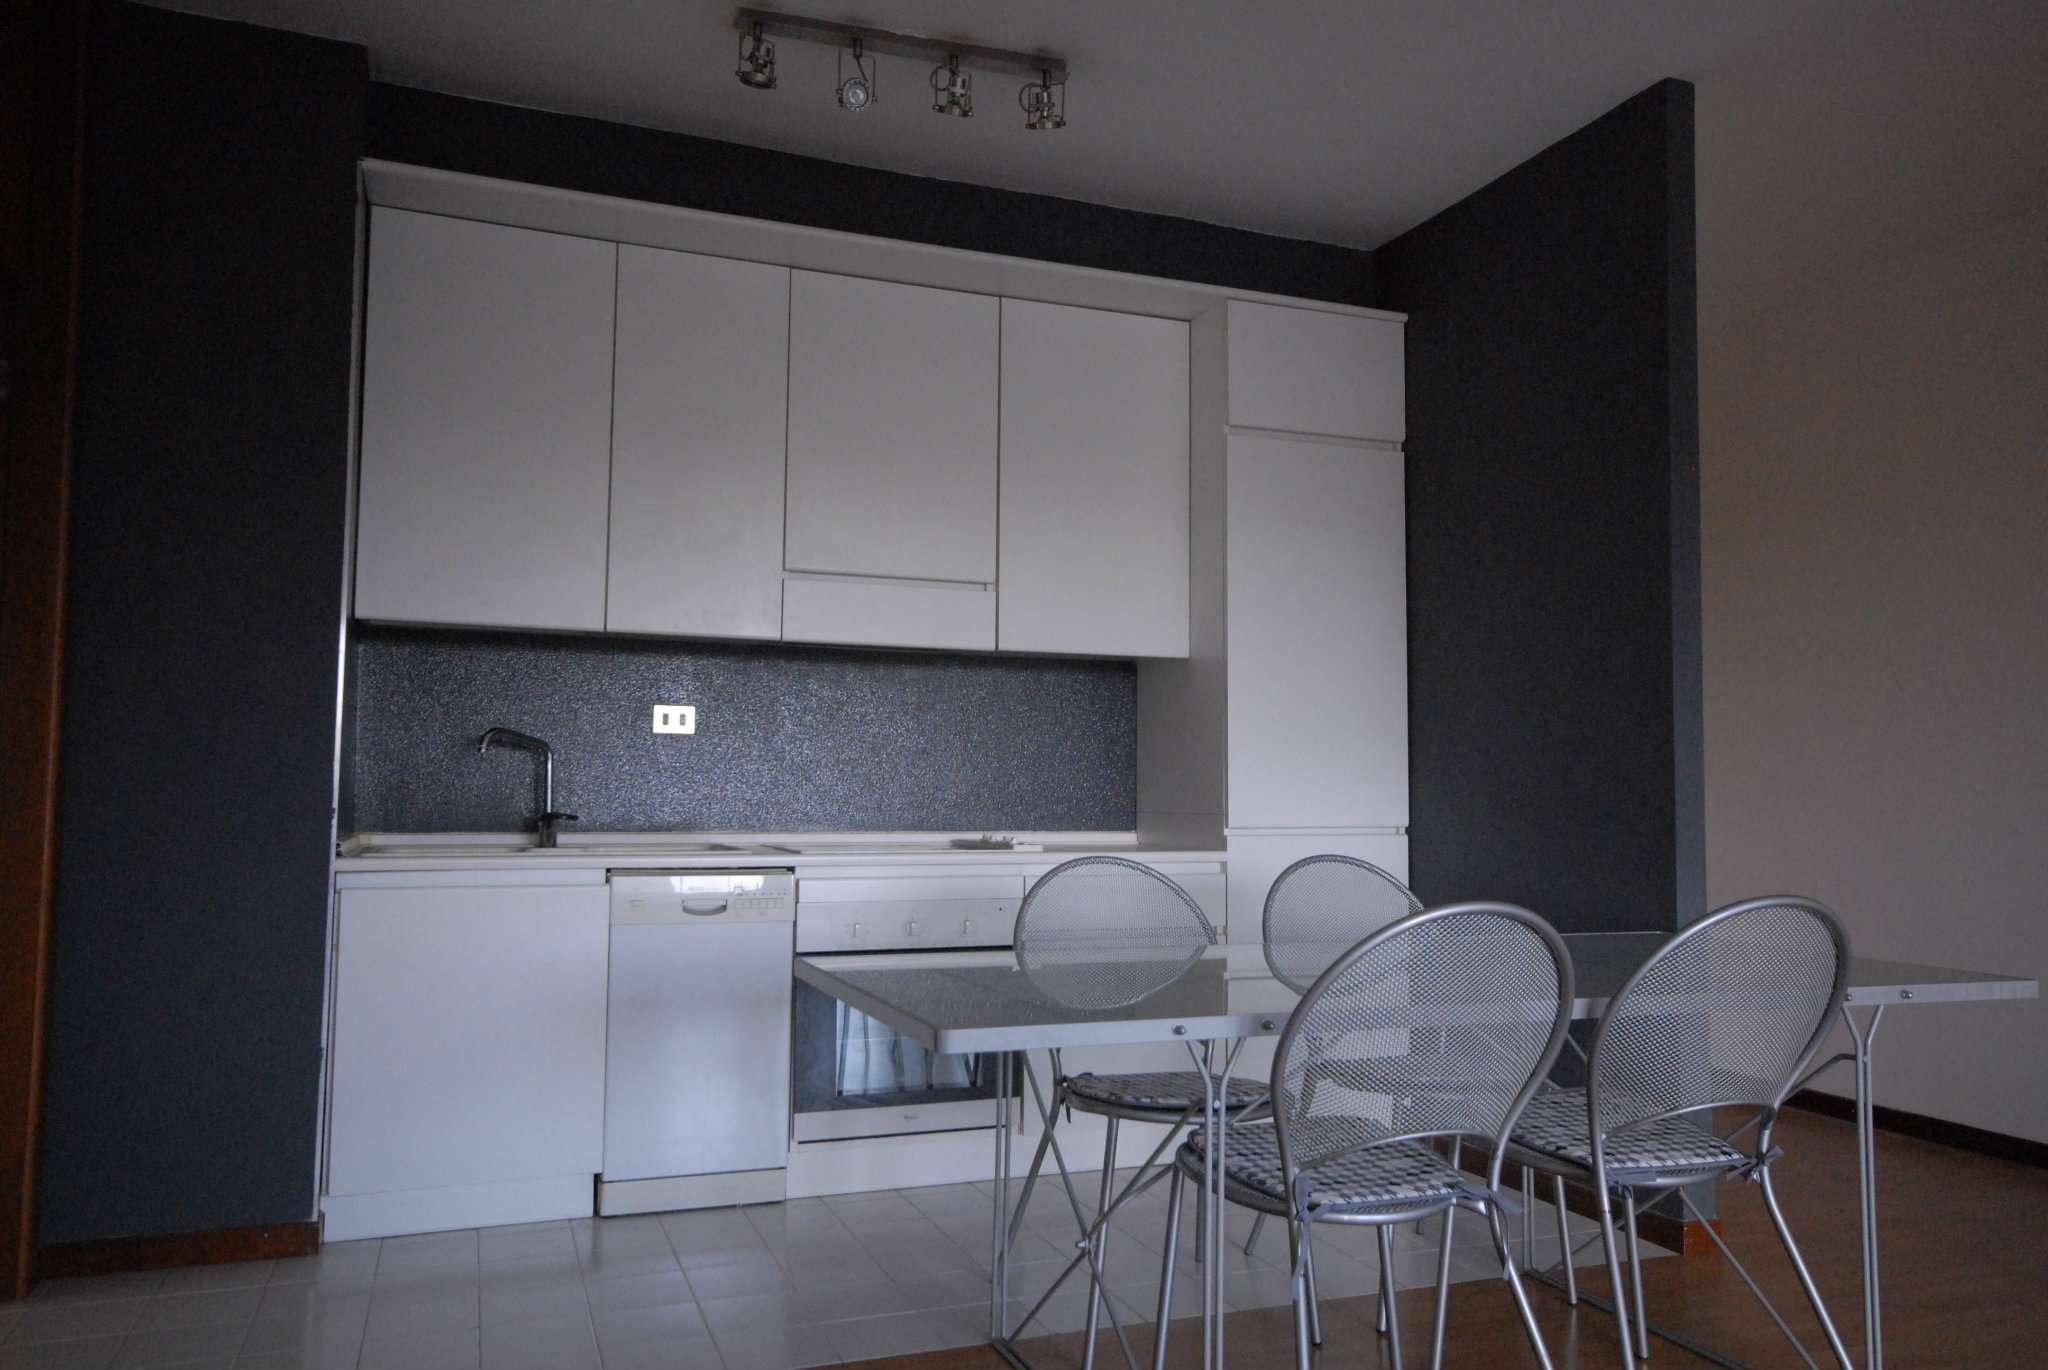 Appartamento in vendita a Basiglio, 2 locali, prezzo € 200.000 | Cambio Casa.it